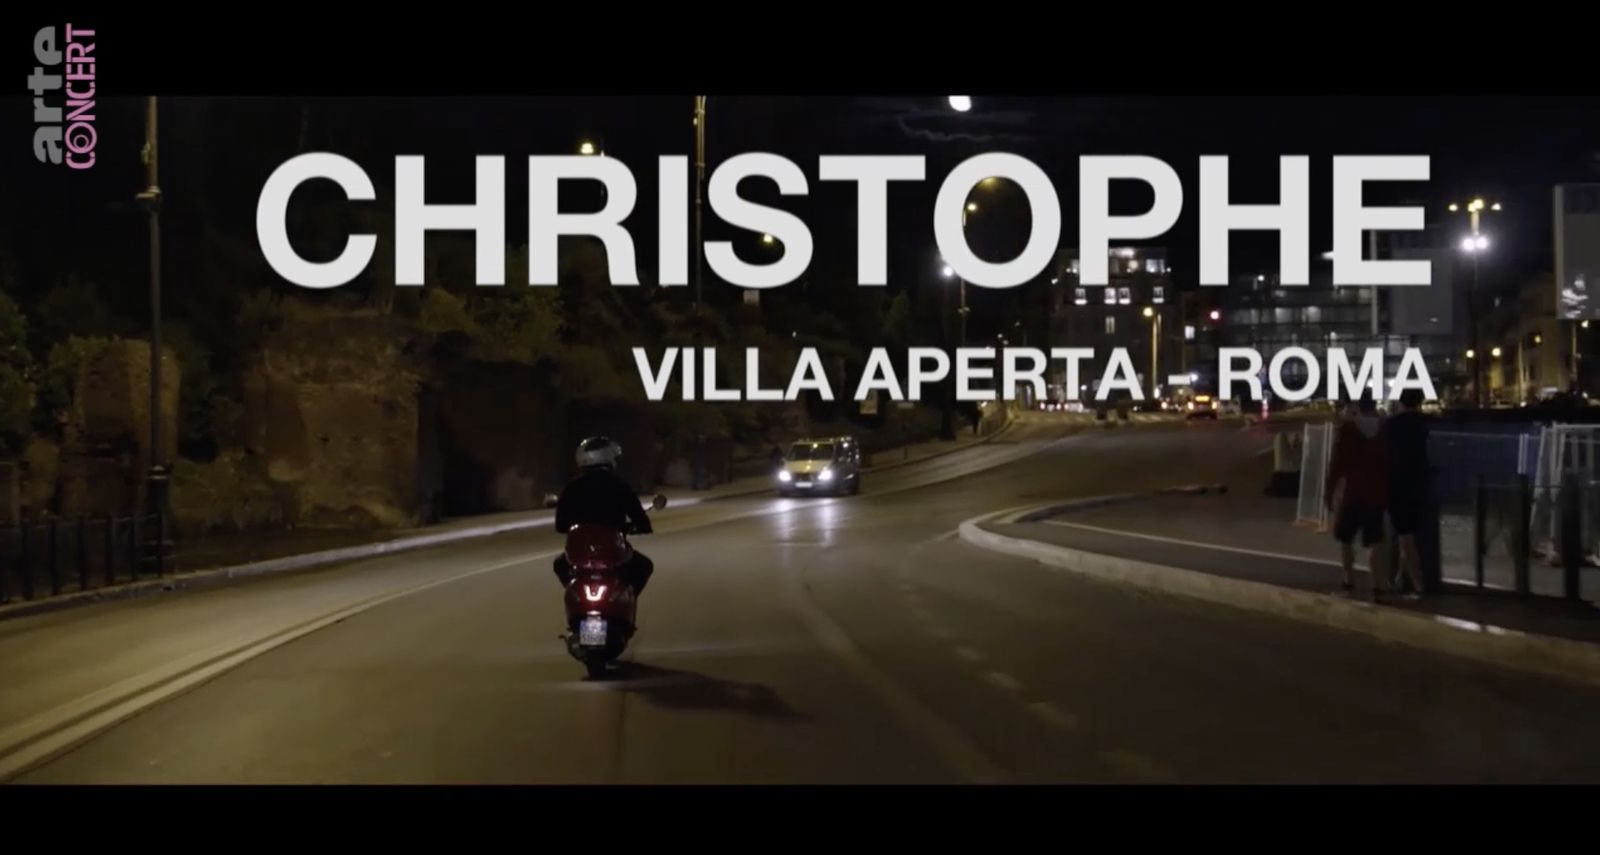 ARTE rend hommage à Christophe en diffusant ce soir un concert donné à Rome en 2014 (vidéo).